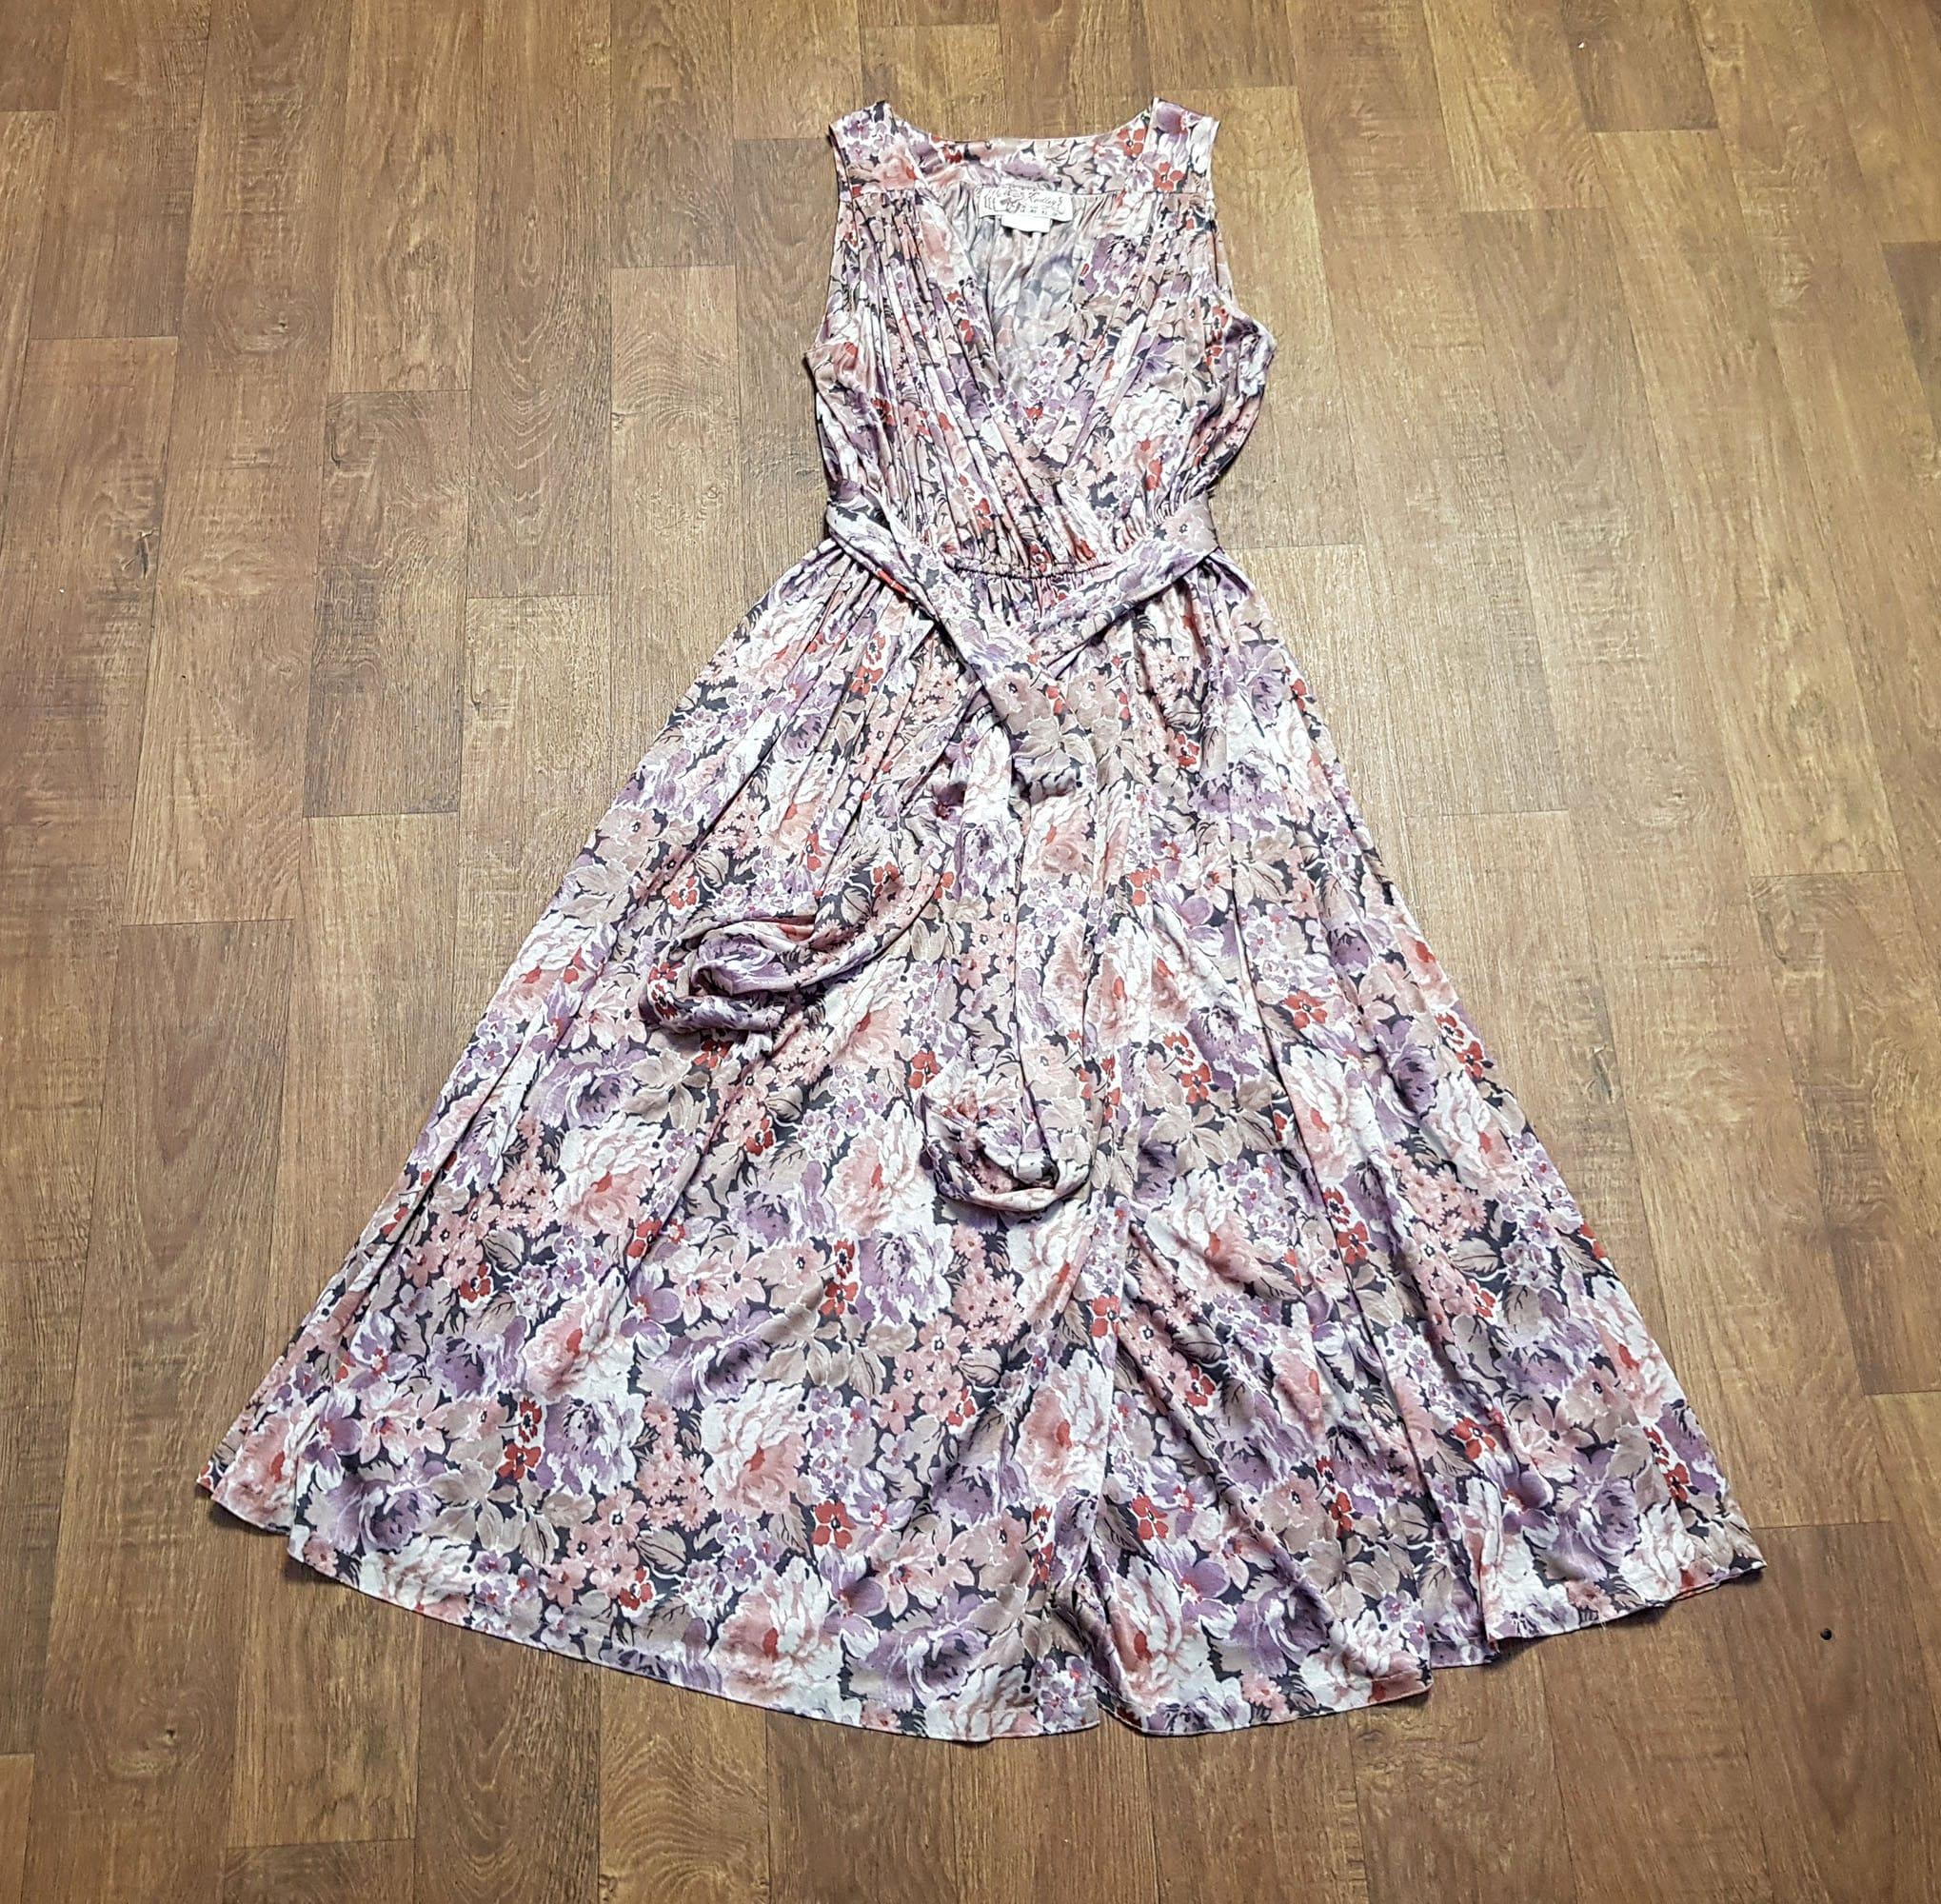 Vintage Scarf Styles -1920s to 1960s Radley Vintage Dress  1970S Floaty Floral Uk Size 121416 Clothing, Dresses, Designer $183.99 AT vintagedancer.com